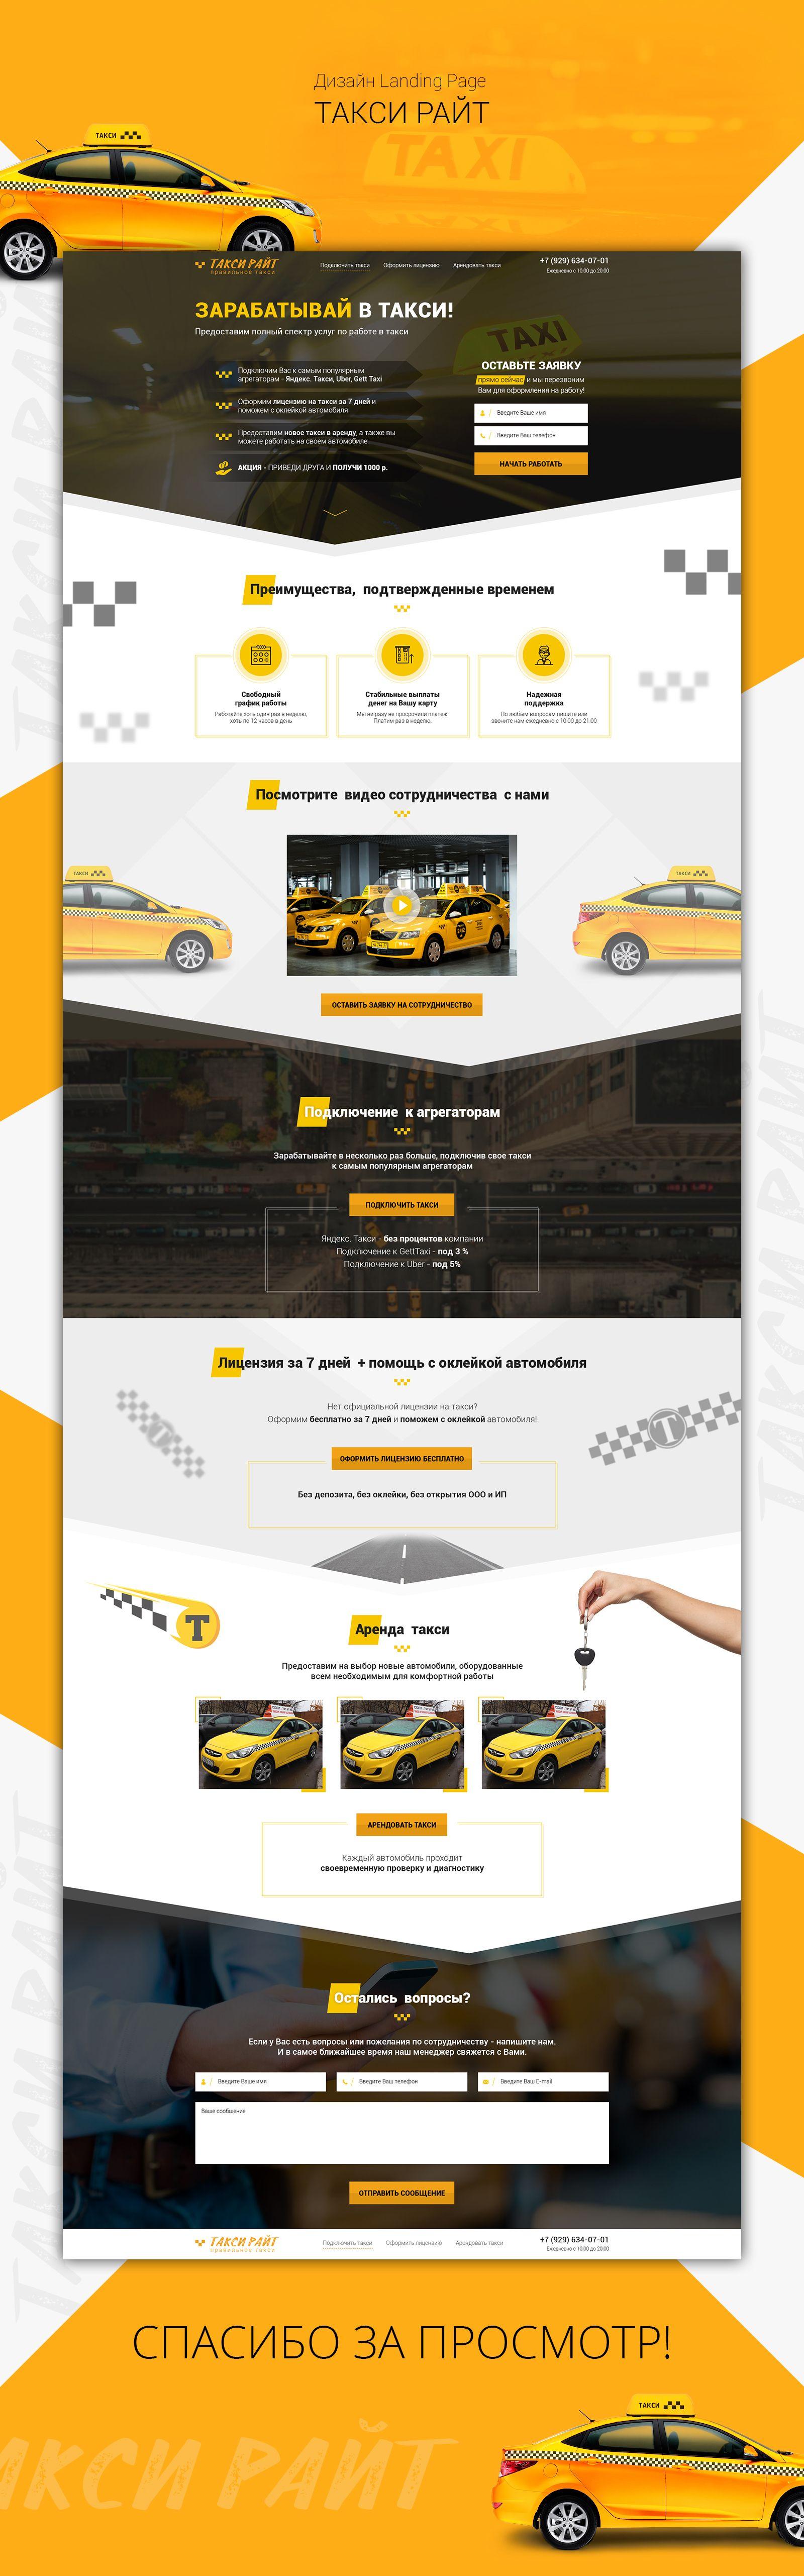 Landing Page Taksi Rajt Dizajn Sajta Dizajn I Dizajn Veb Sajtov